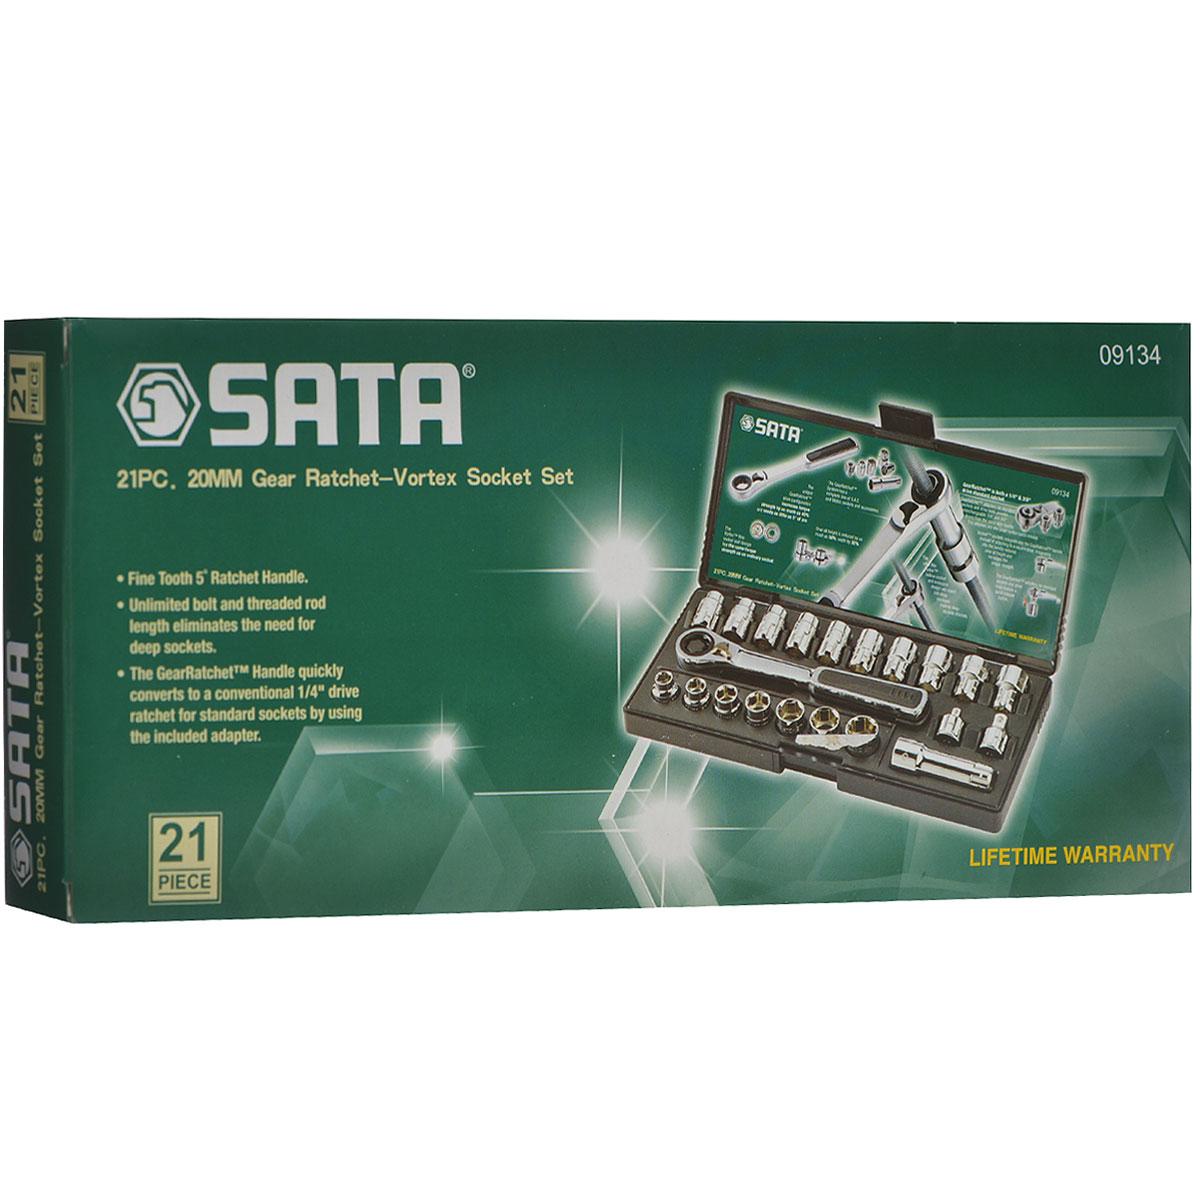 Набор торцевых головок SATA 21пр. 0913409134Набор инструментов Sata - это необходимый предмет в каждом доме. Он включает в себя 21 предмет, и упакован в небольшой пластиковый кейс. Такой набор будет идеальным подарком мужчине. Состав набора: метрические полые головки: 10 мм, 11 мм, 12 мм, 13 мм, 14 мм, 15 мм, 16 мм, 17 мм, 18 мм, 19 мм; головки: 3/8, 7/16, 1/2, 5/8, 9/16, 11/16, 3/4; адаптер: 1/4, 3/8; переходник: 3; ключ реверсивный трещоточный.